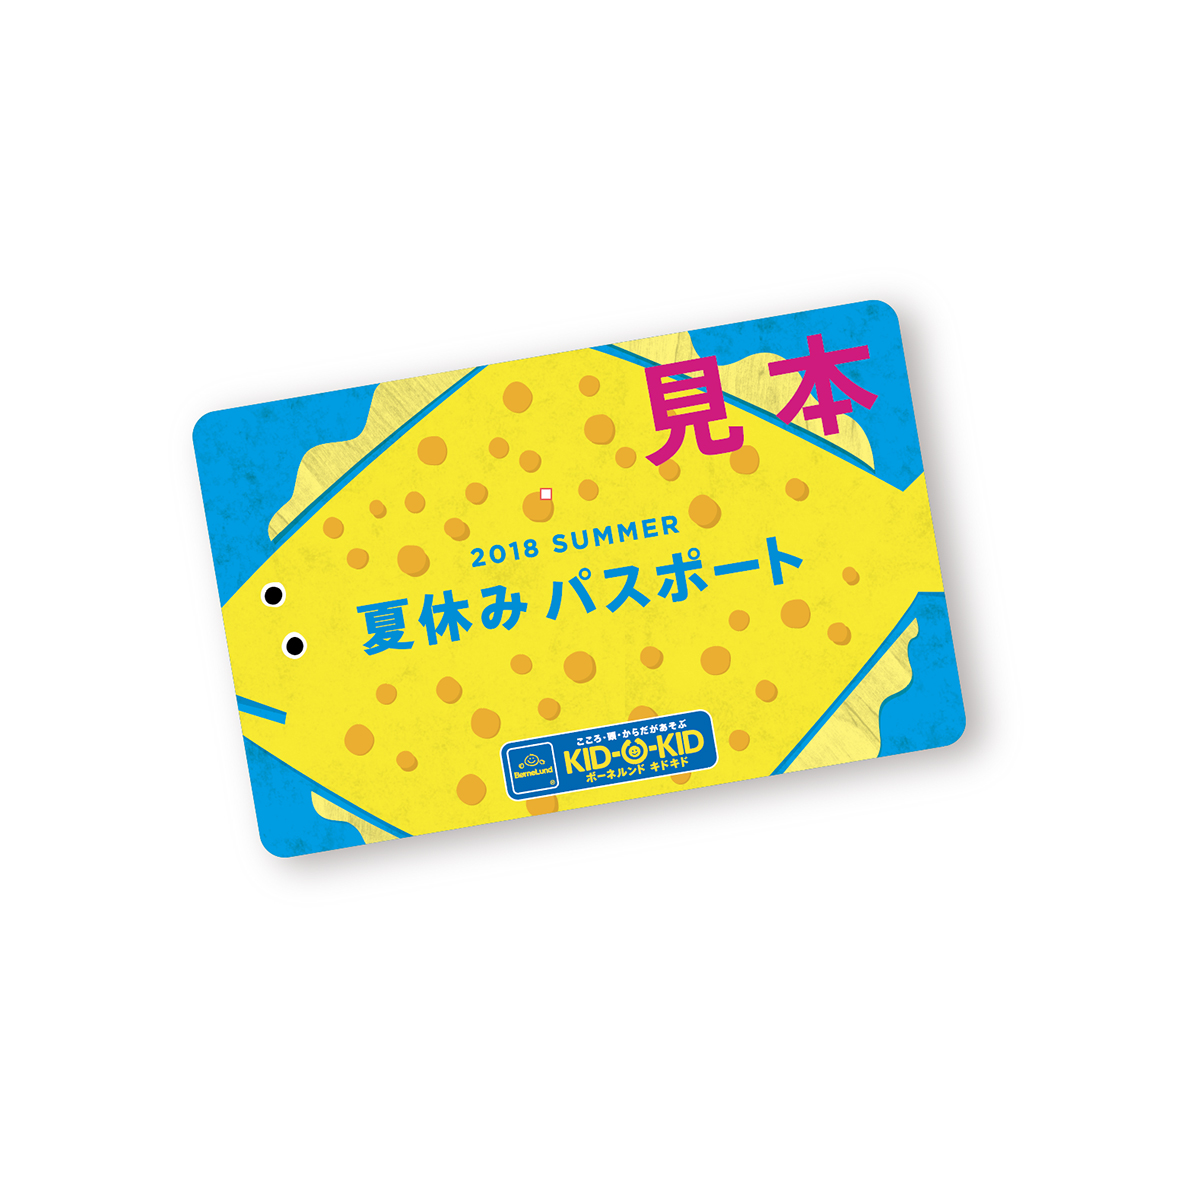 【完売】キドキド夏休みパスポート